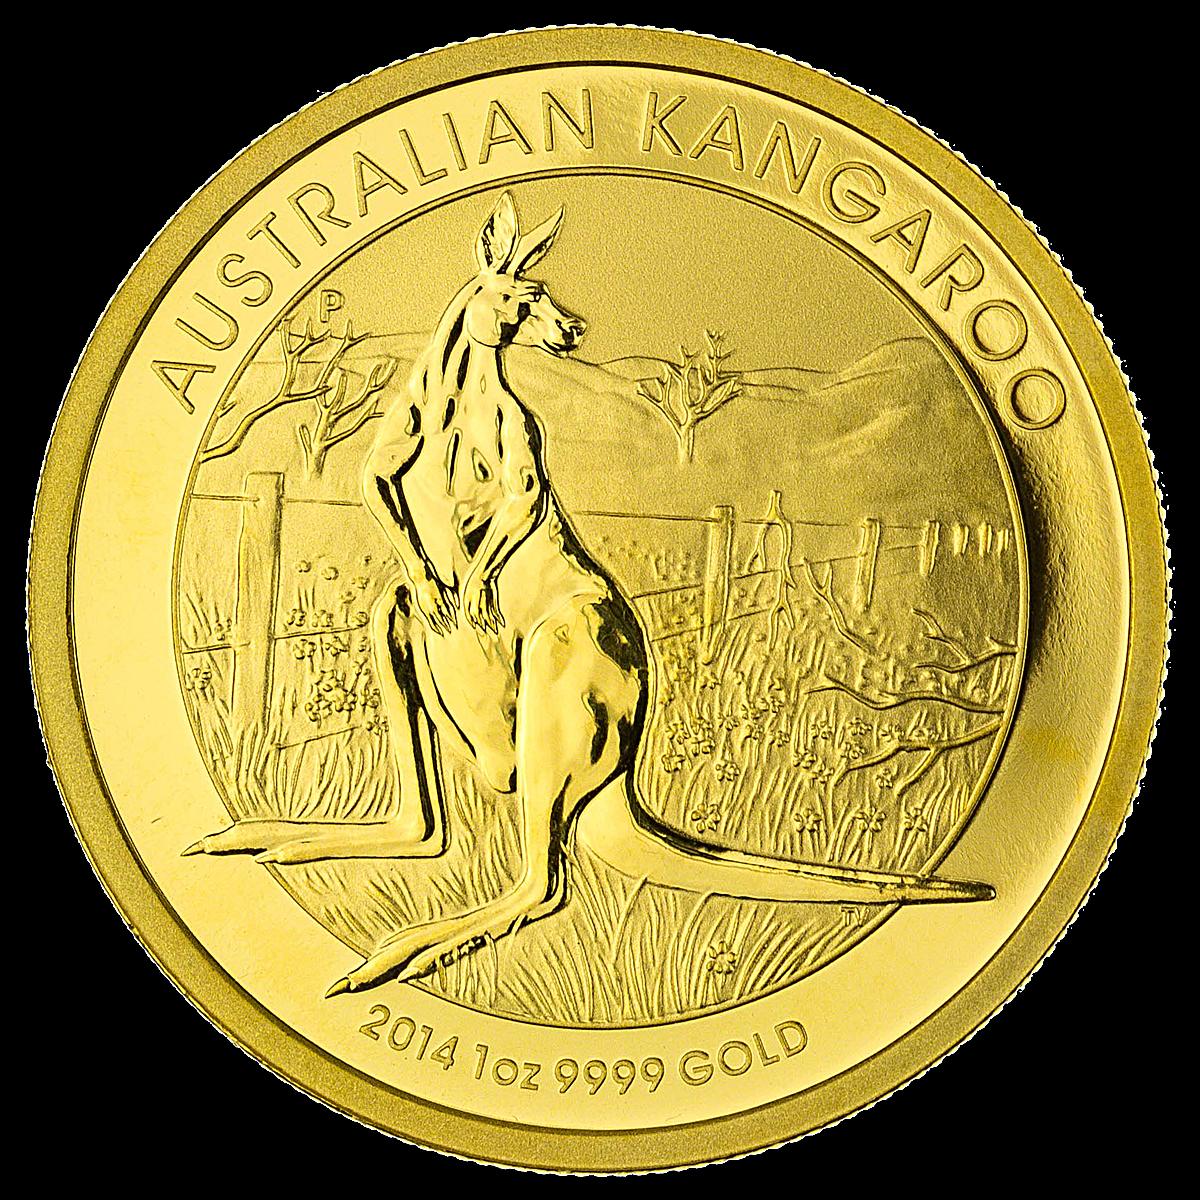 Australian Gold Kangaroo Nugget 2014